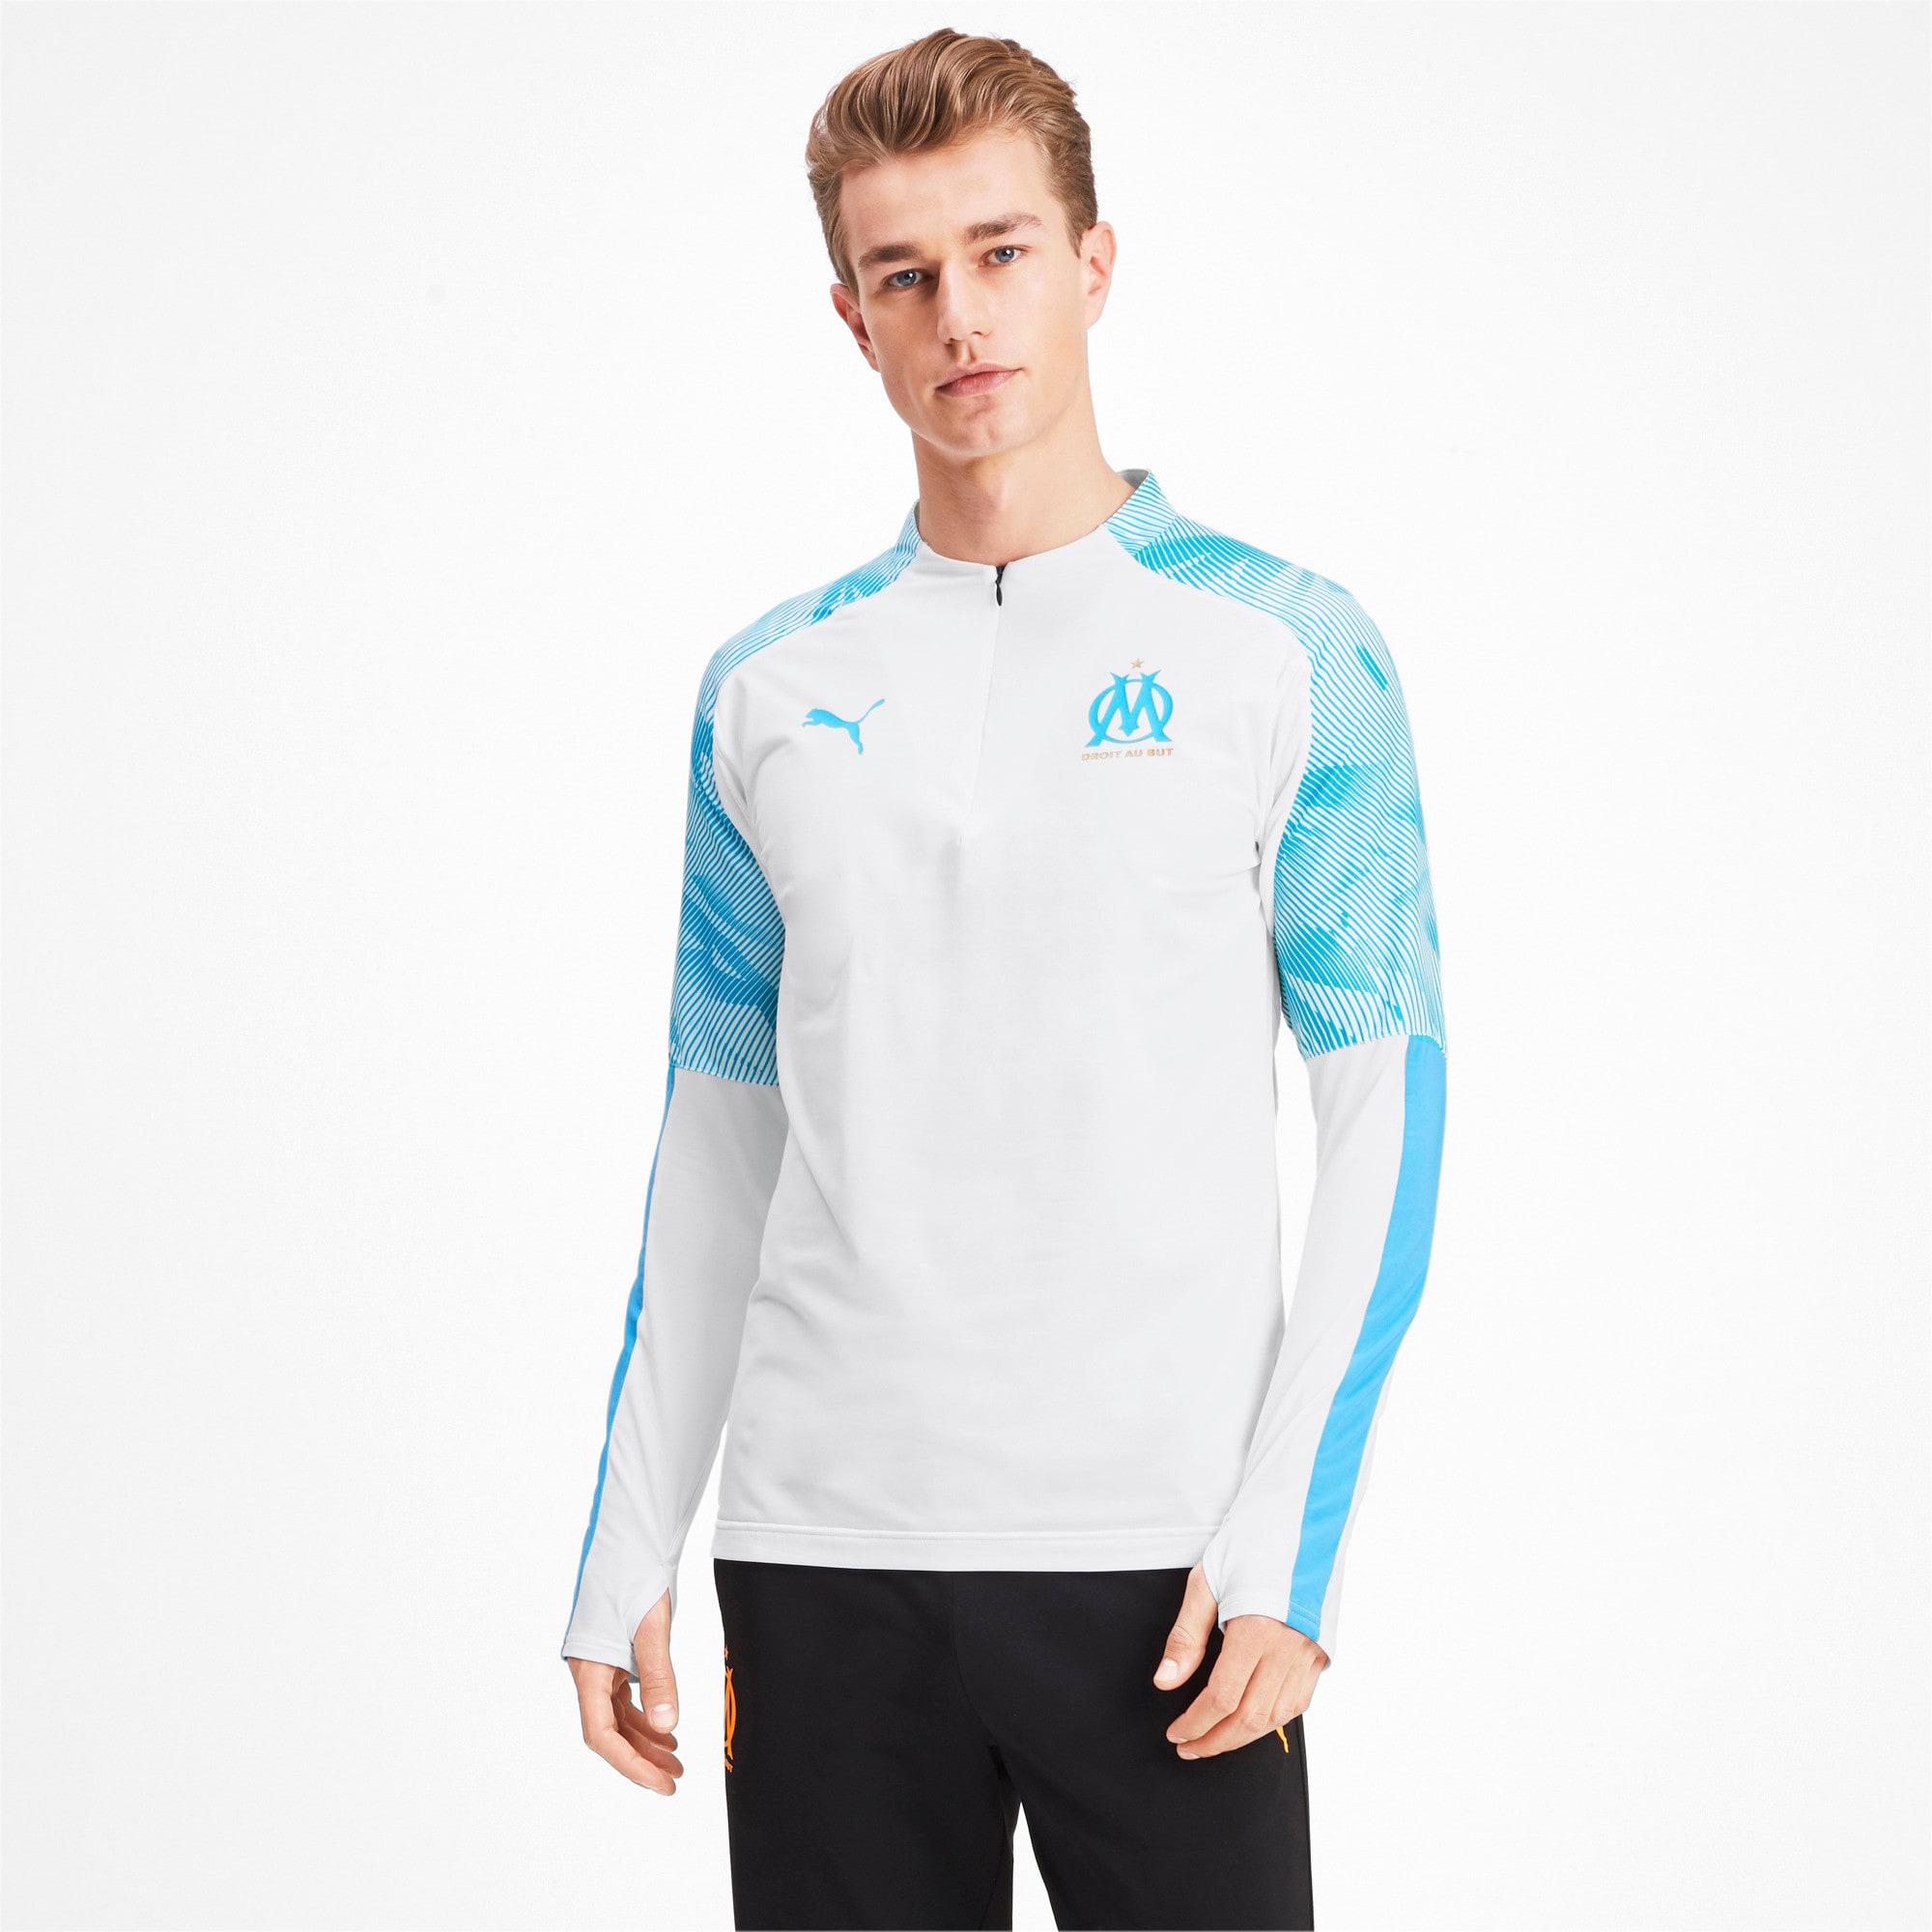 Thumbnail 1 of Olympique de Marseille Quarter Zip Men's Training Top, Puma White, medium